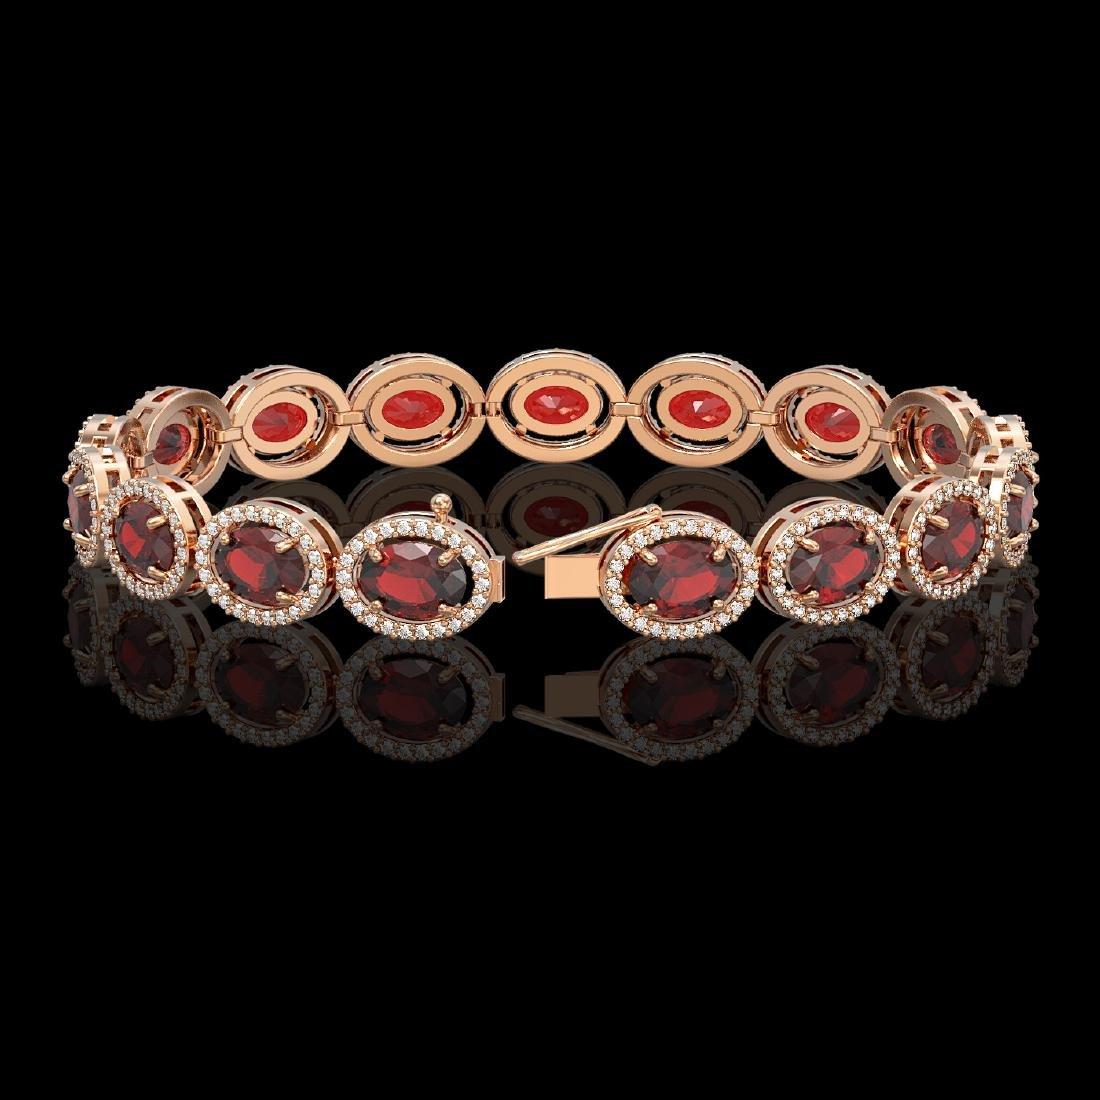 21.98 CTW Garnet & Diamond Halo Bracelet 10K Rose Gold - 2